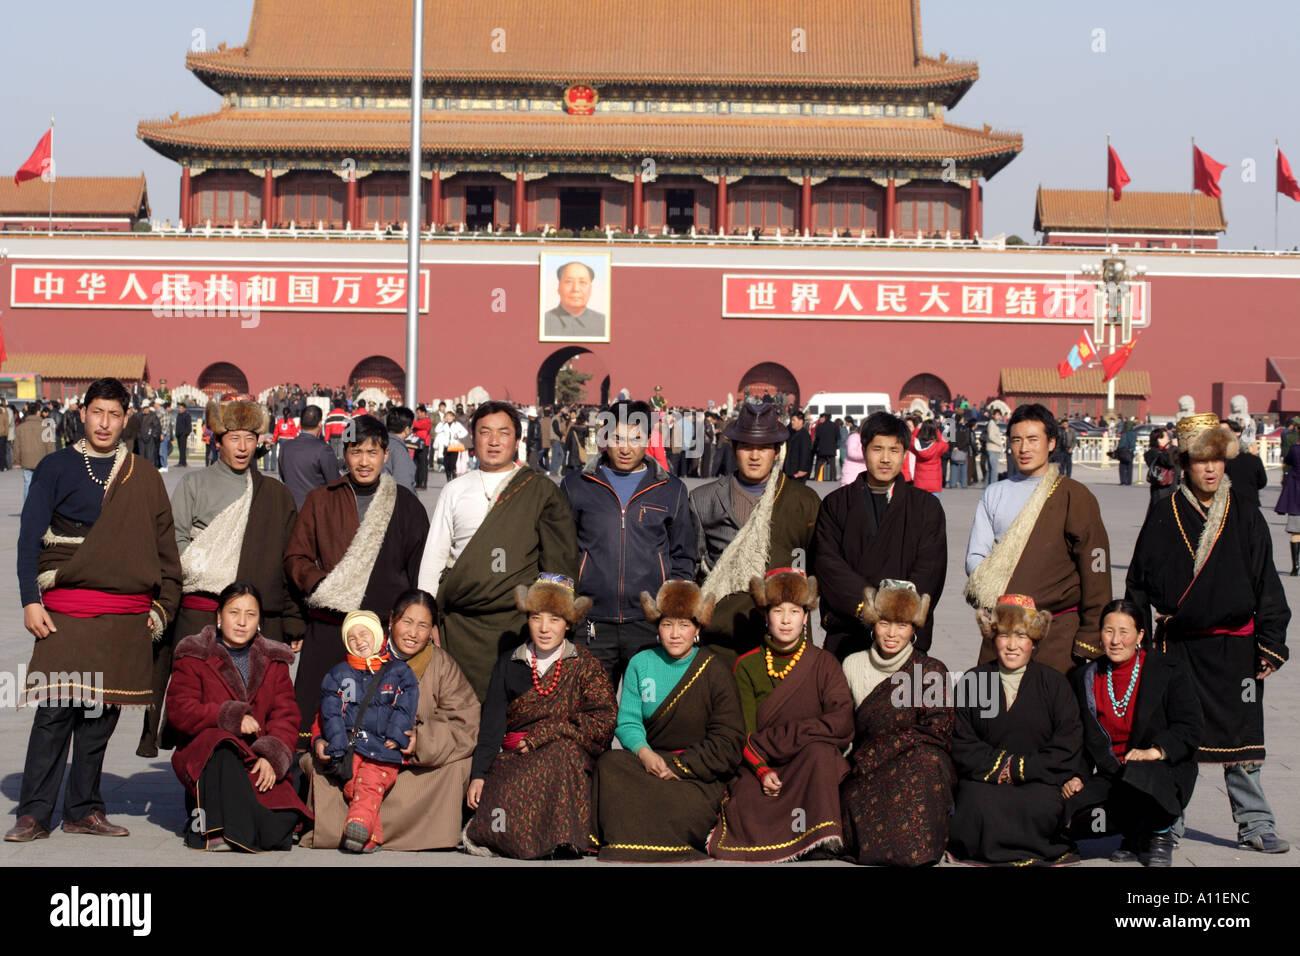 Les touristes de Chamdo tibétains posent devant la Cité Interdite, porte de la paix céleste, Beijing Chine Photo Stock